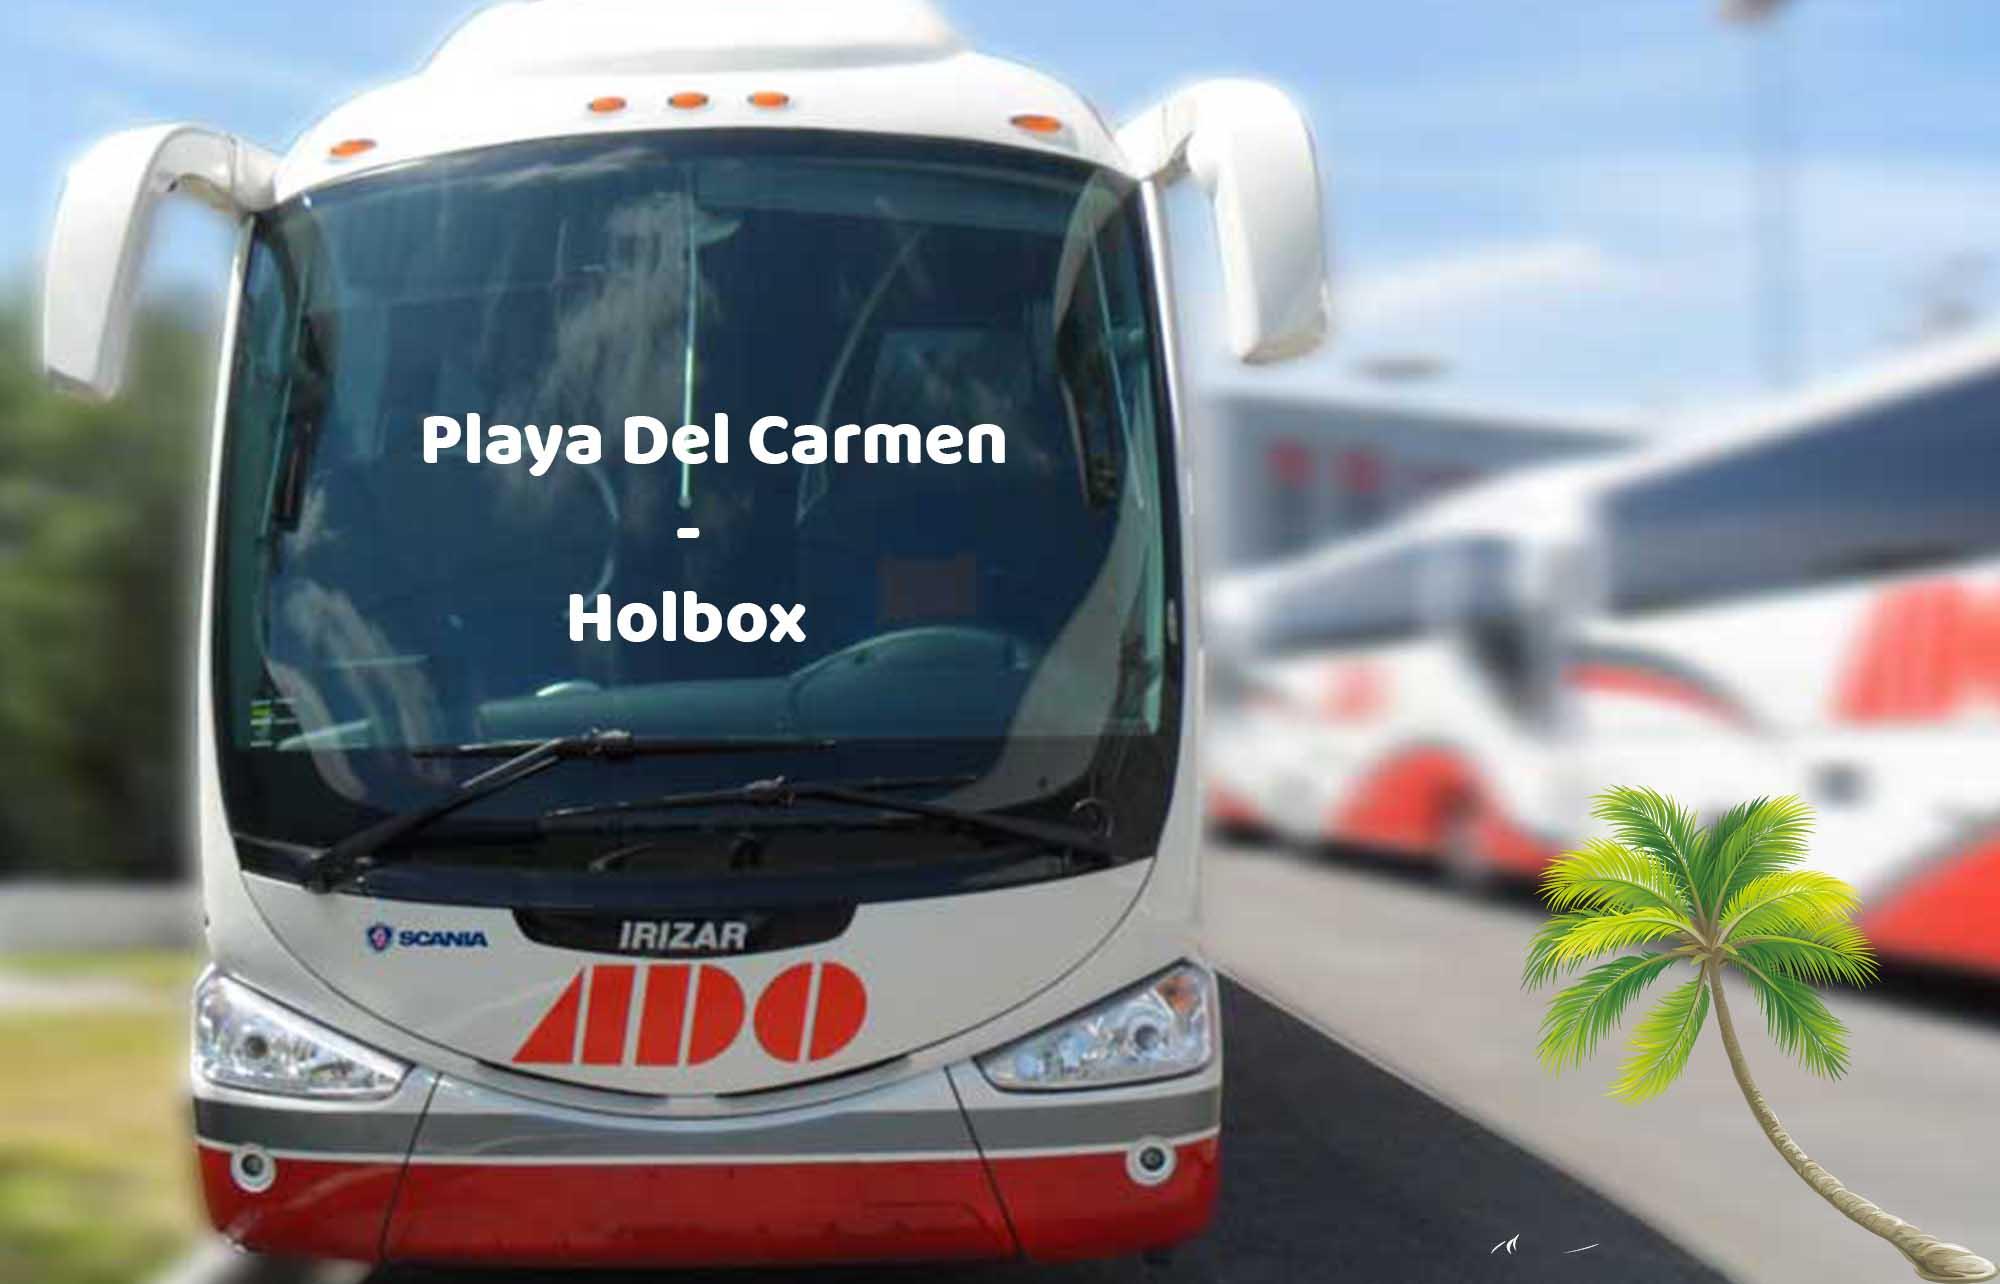 aller à Holbox de Playa Del Carmen